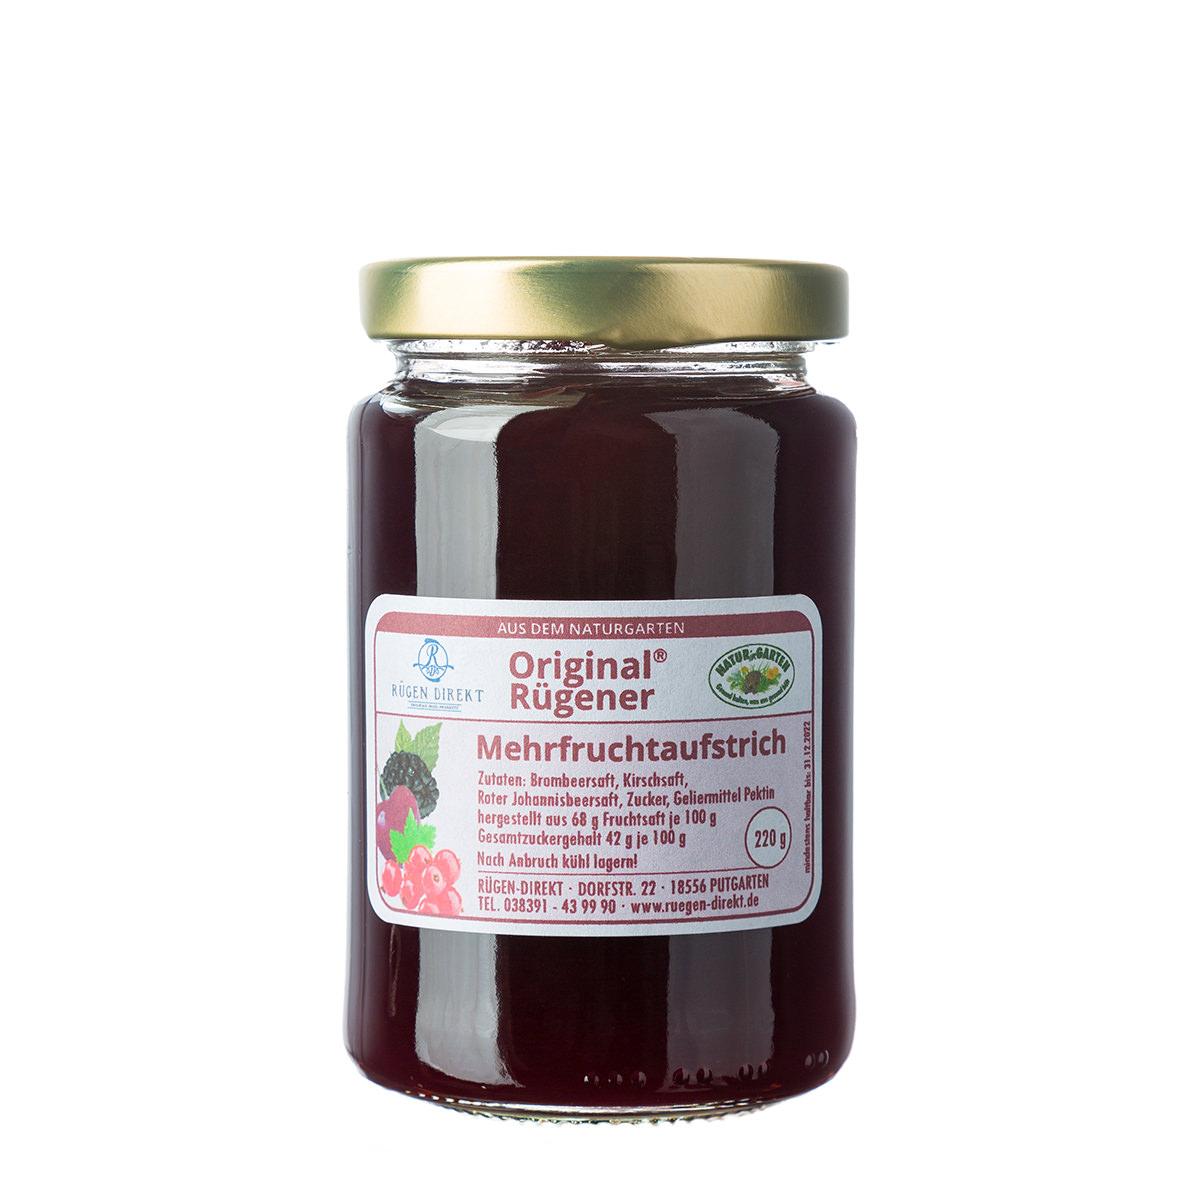 Original Rügener Mehrfruchtaufstrich bei Rügen-direkt kaufen